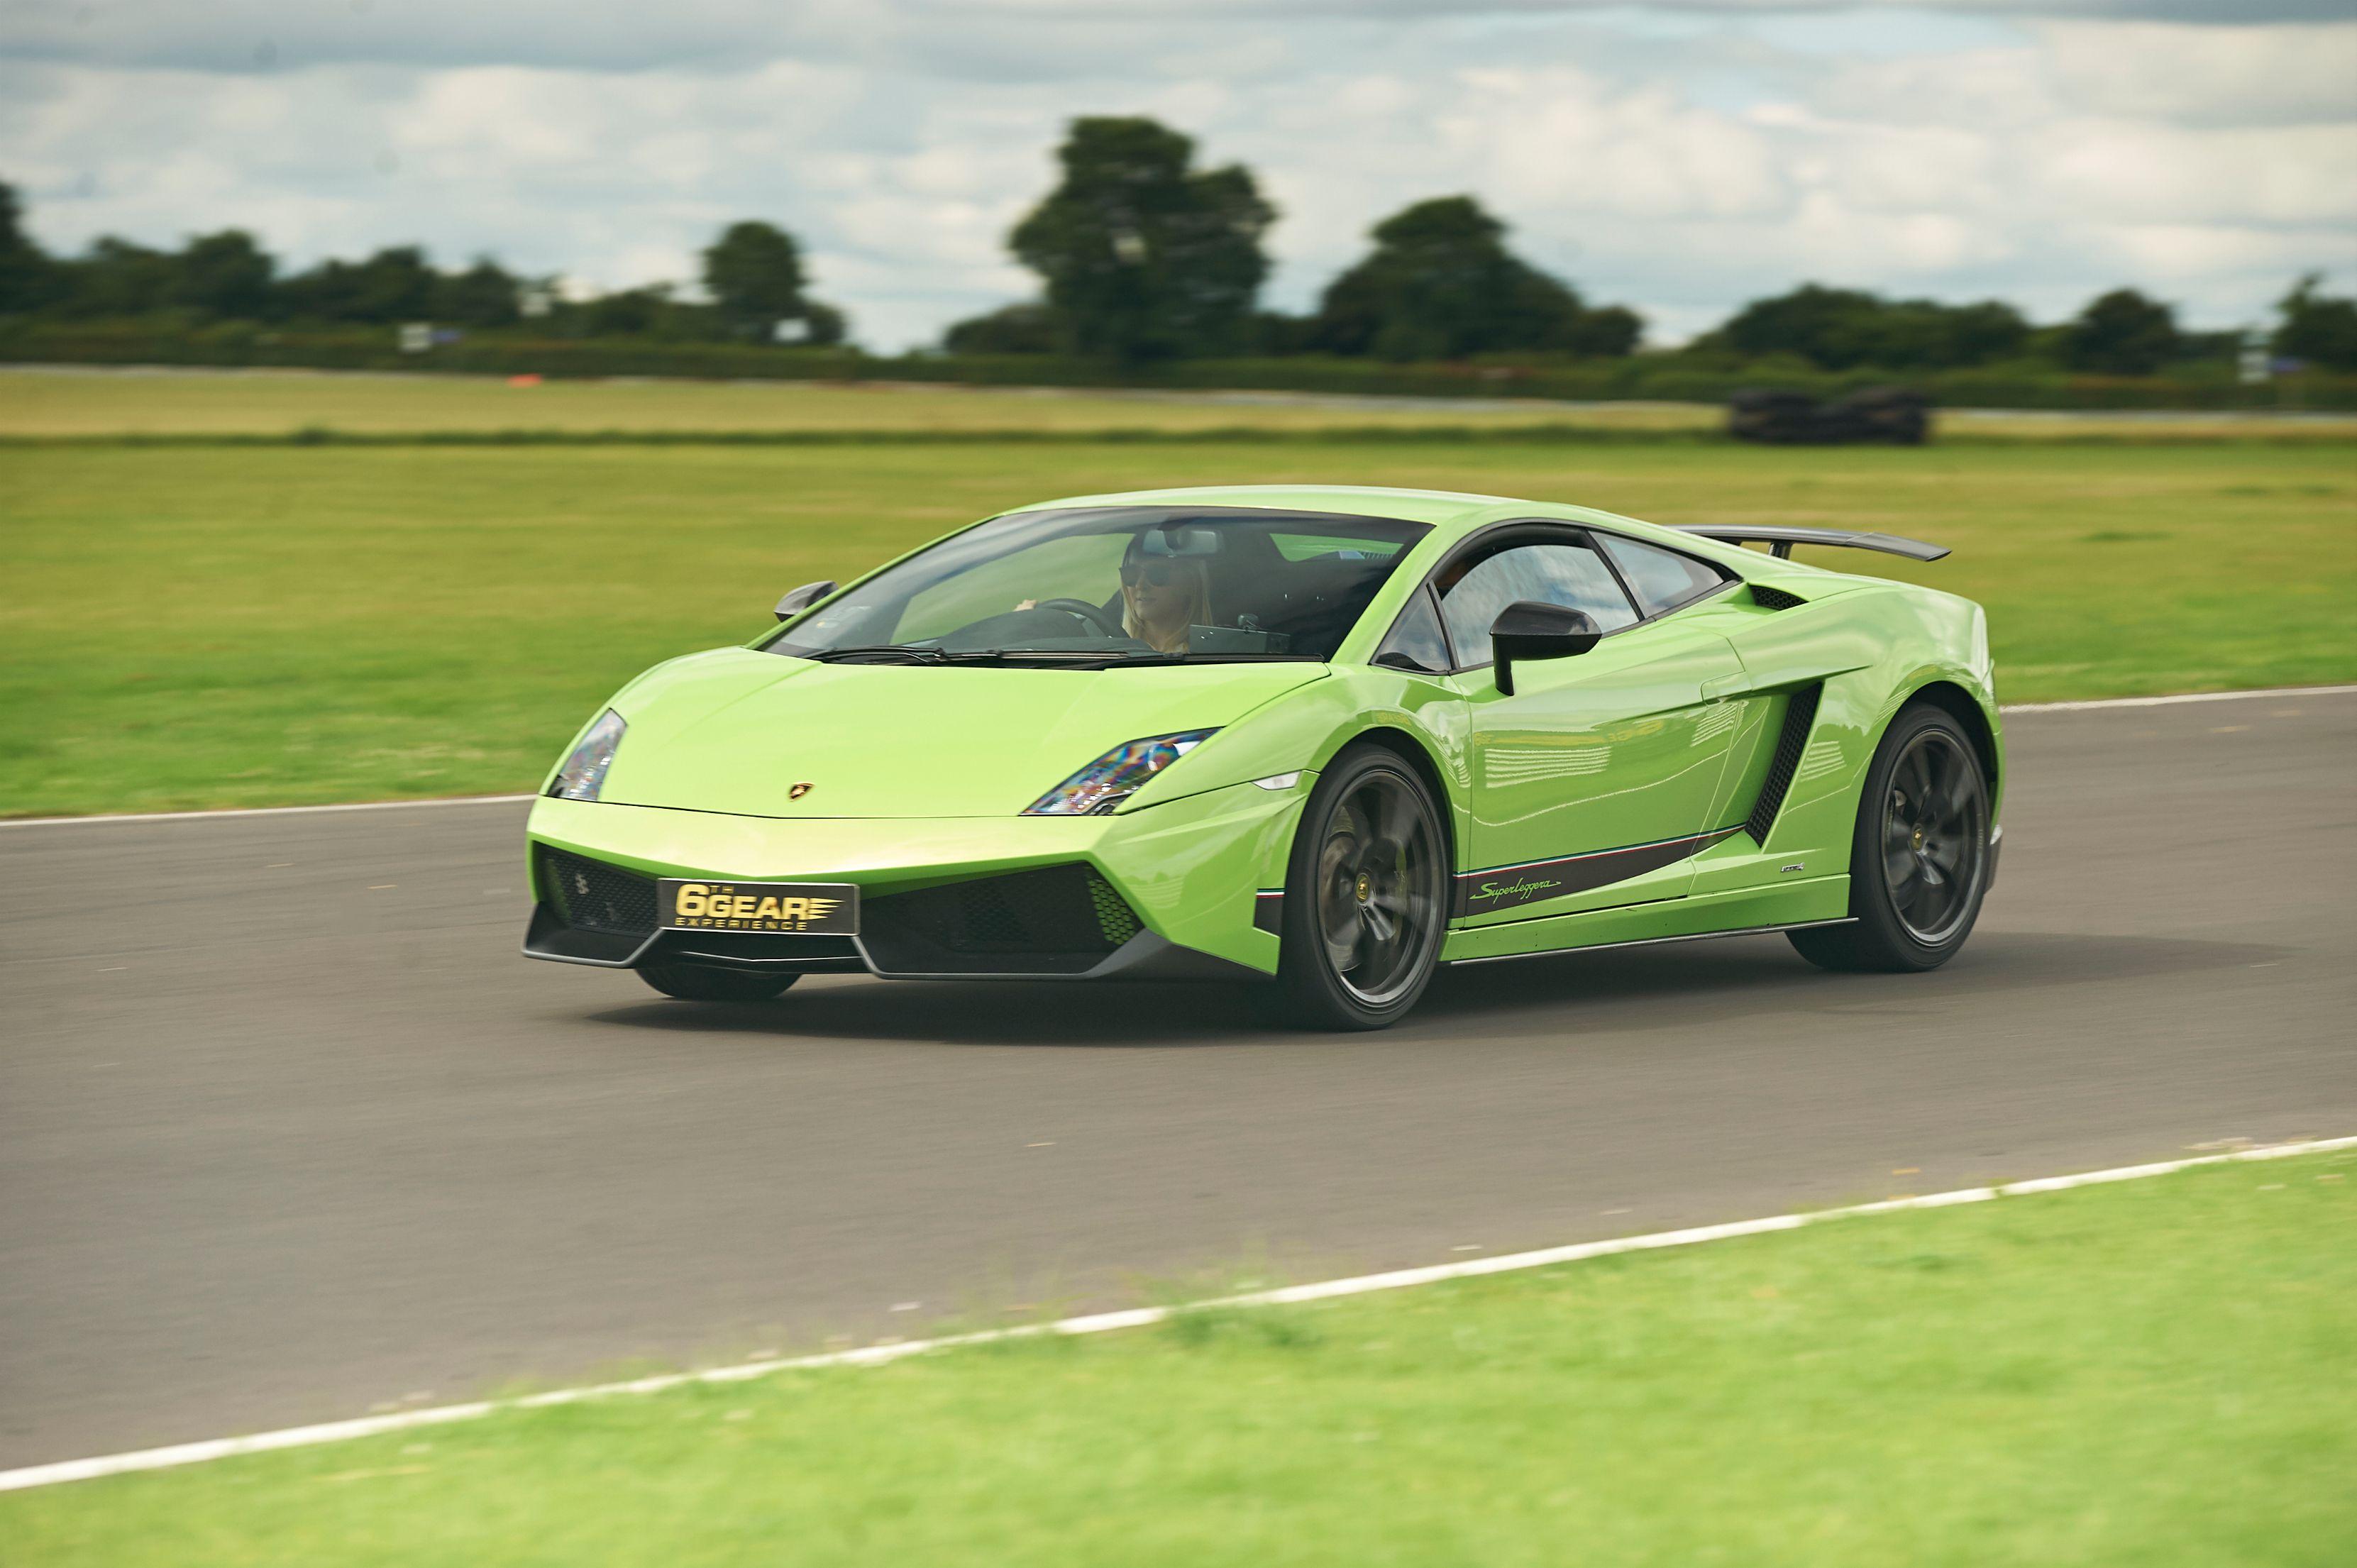 Lamborghini Gallardo Superleggera Driving Experience. TRC_6413 · Jpi_5183  JPI_5182 JPI_5181 JPI_5180 TRC_6169 TRC_6244